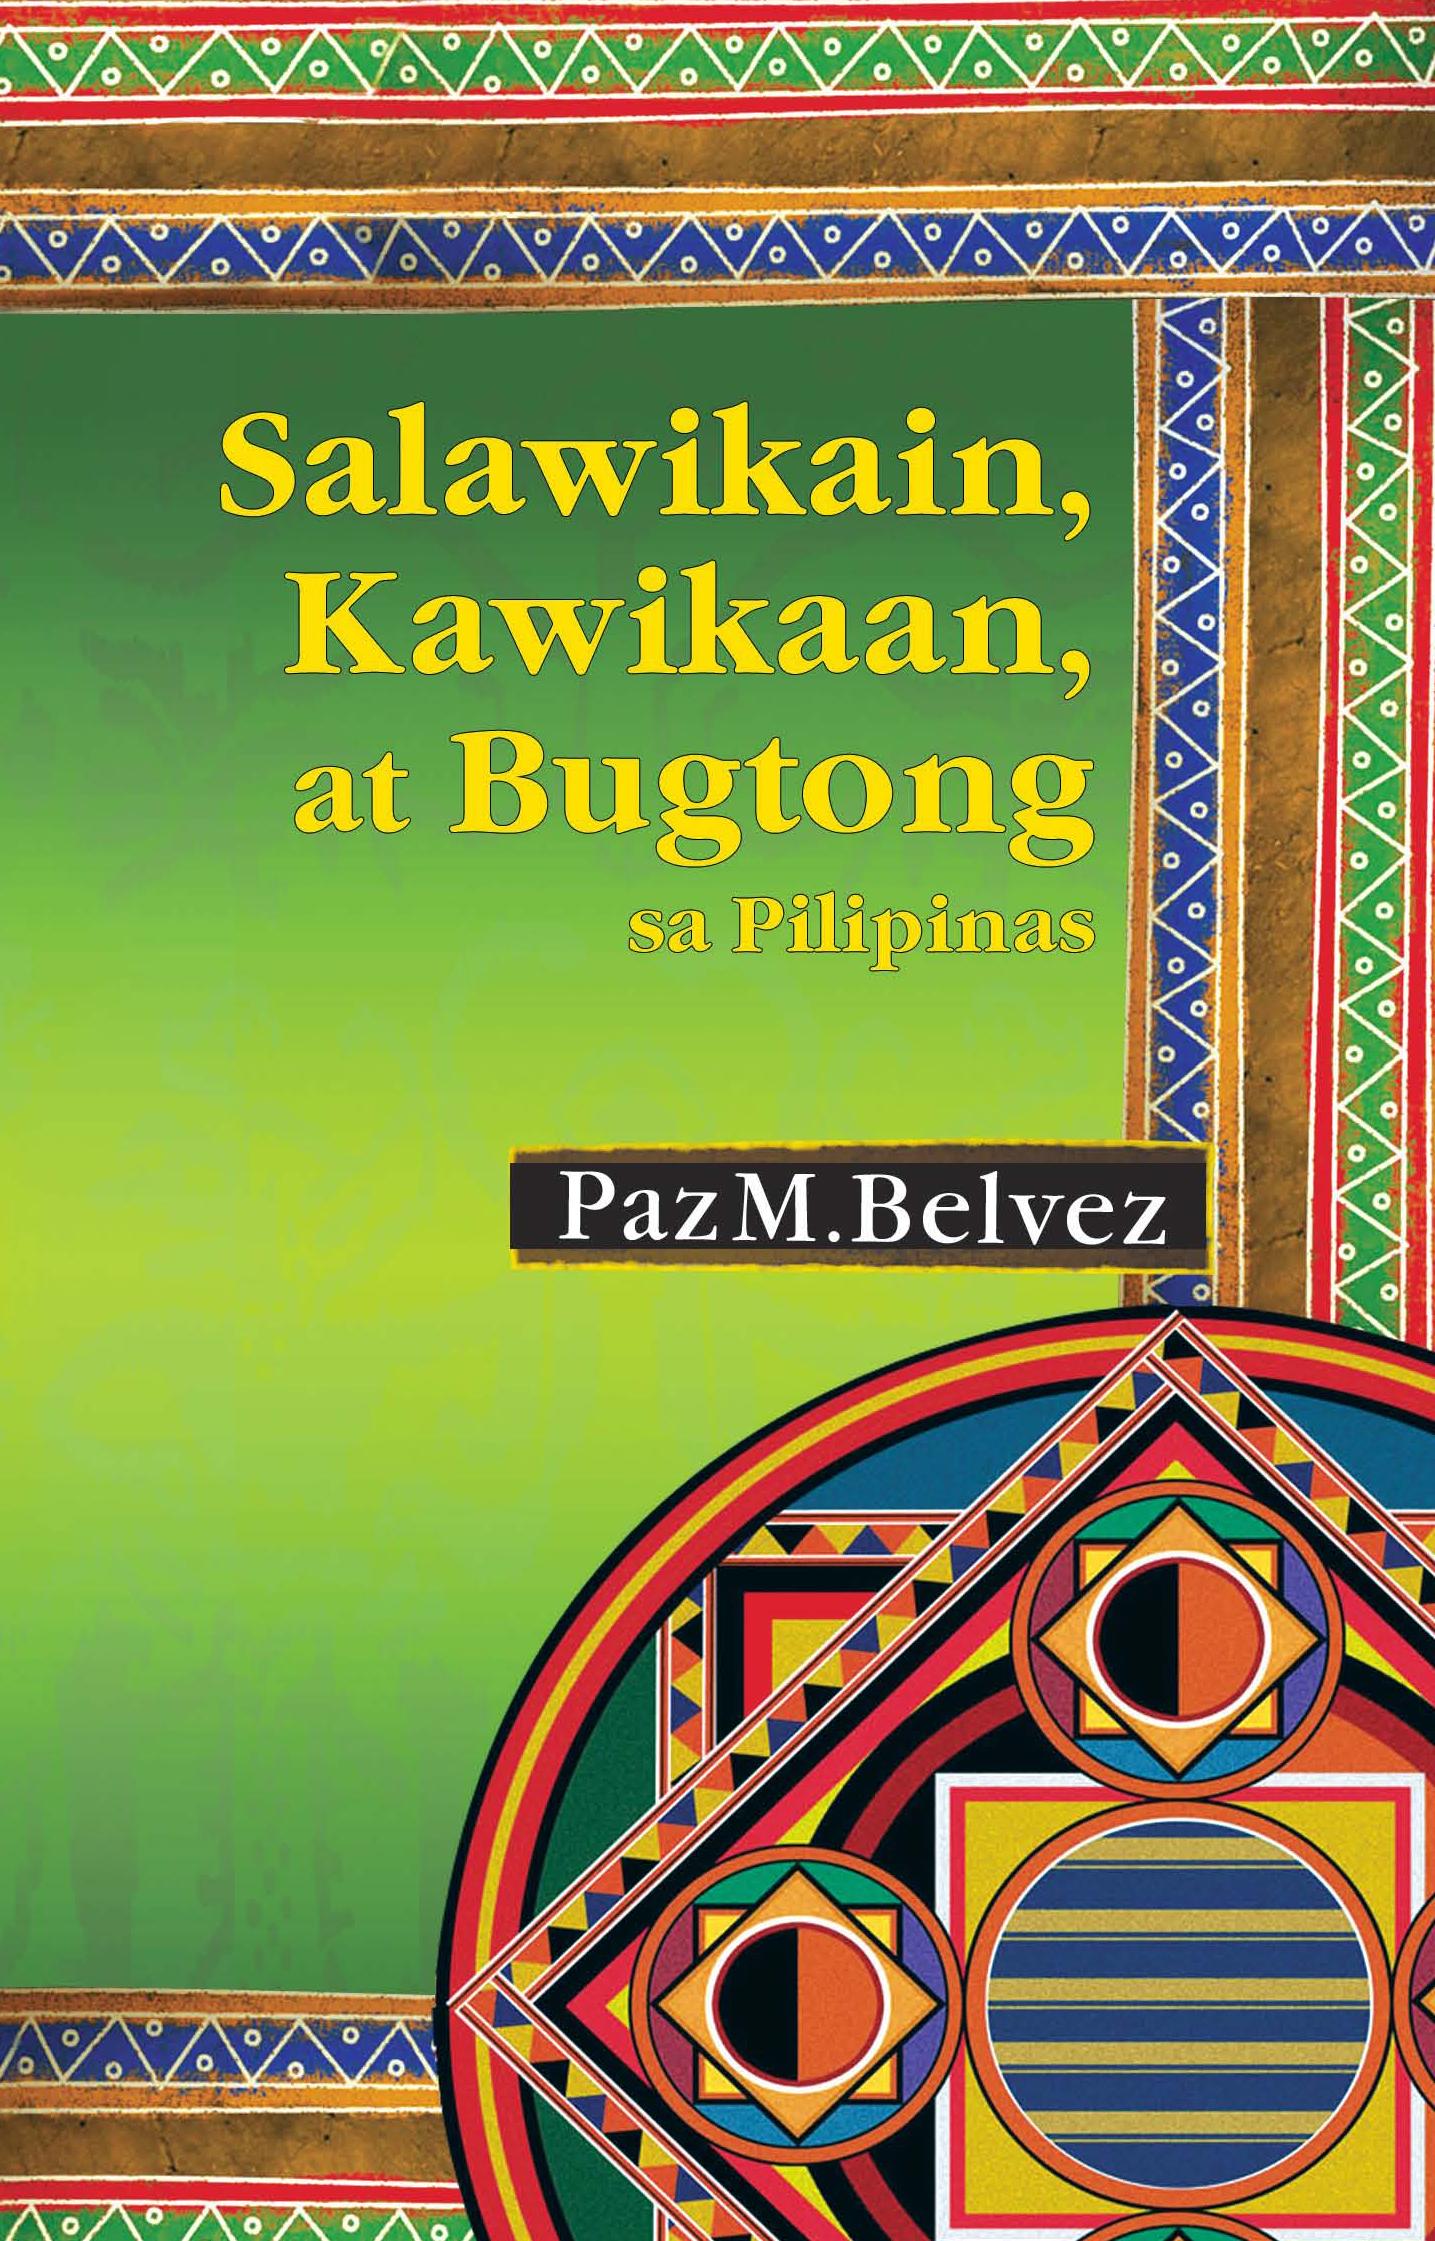 mga salawikain tungkol sa makakalikasan Kalikasan ay ating pag ingatan upang kalamidad ay maiwasan.